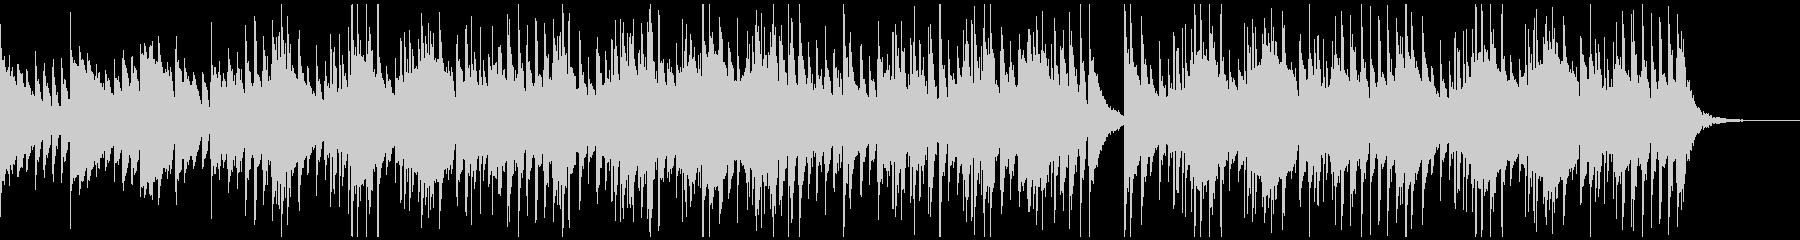 チルアウトなアコギインストの未再生の波形